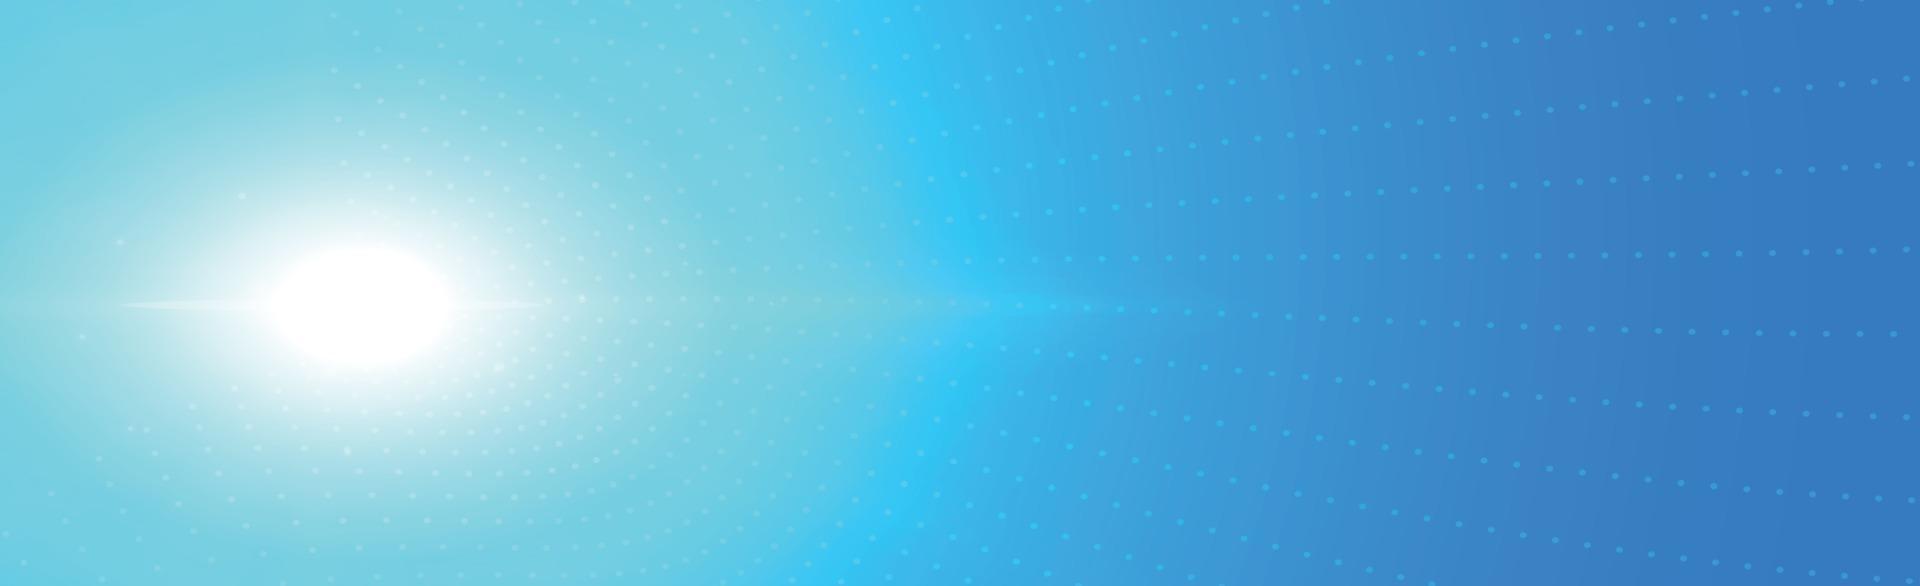 Fondo panorámico soleado en color azul suave - ilustración vector